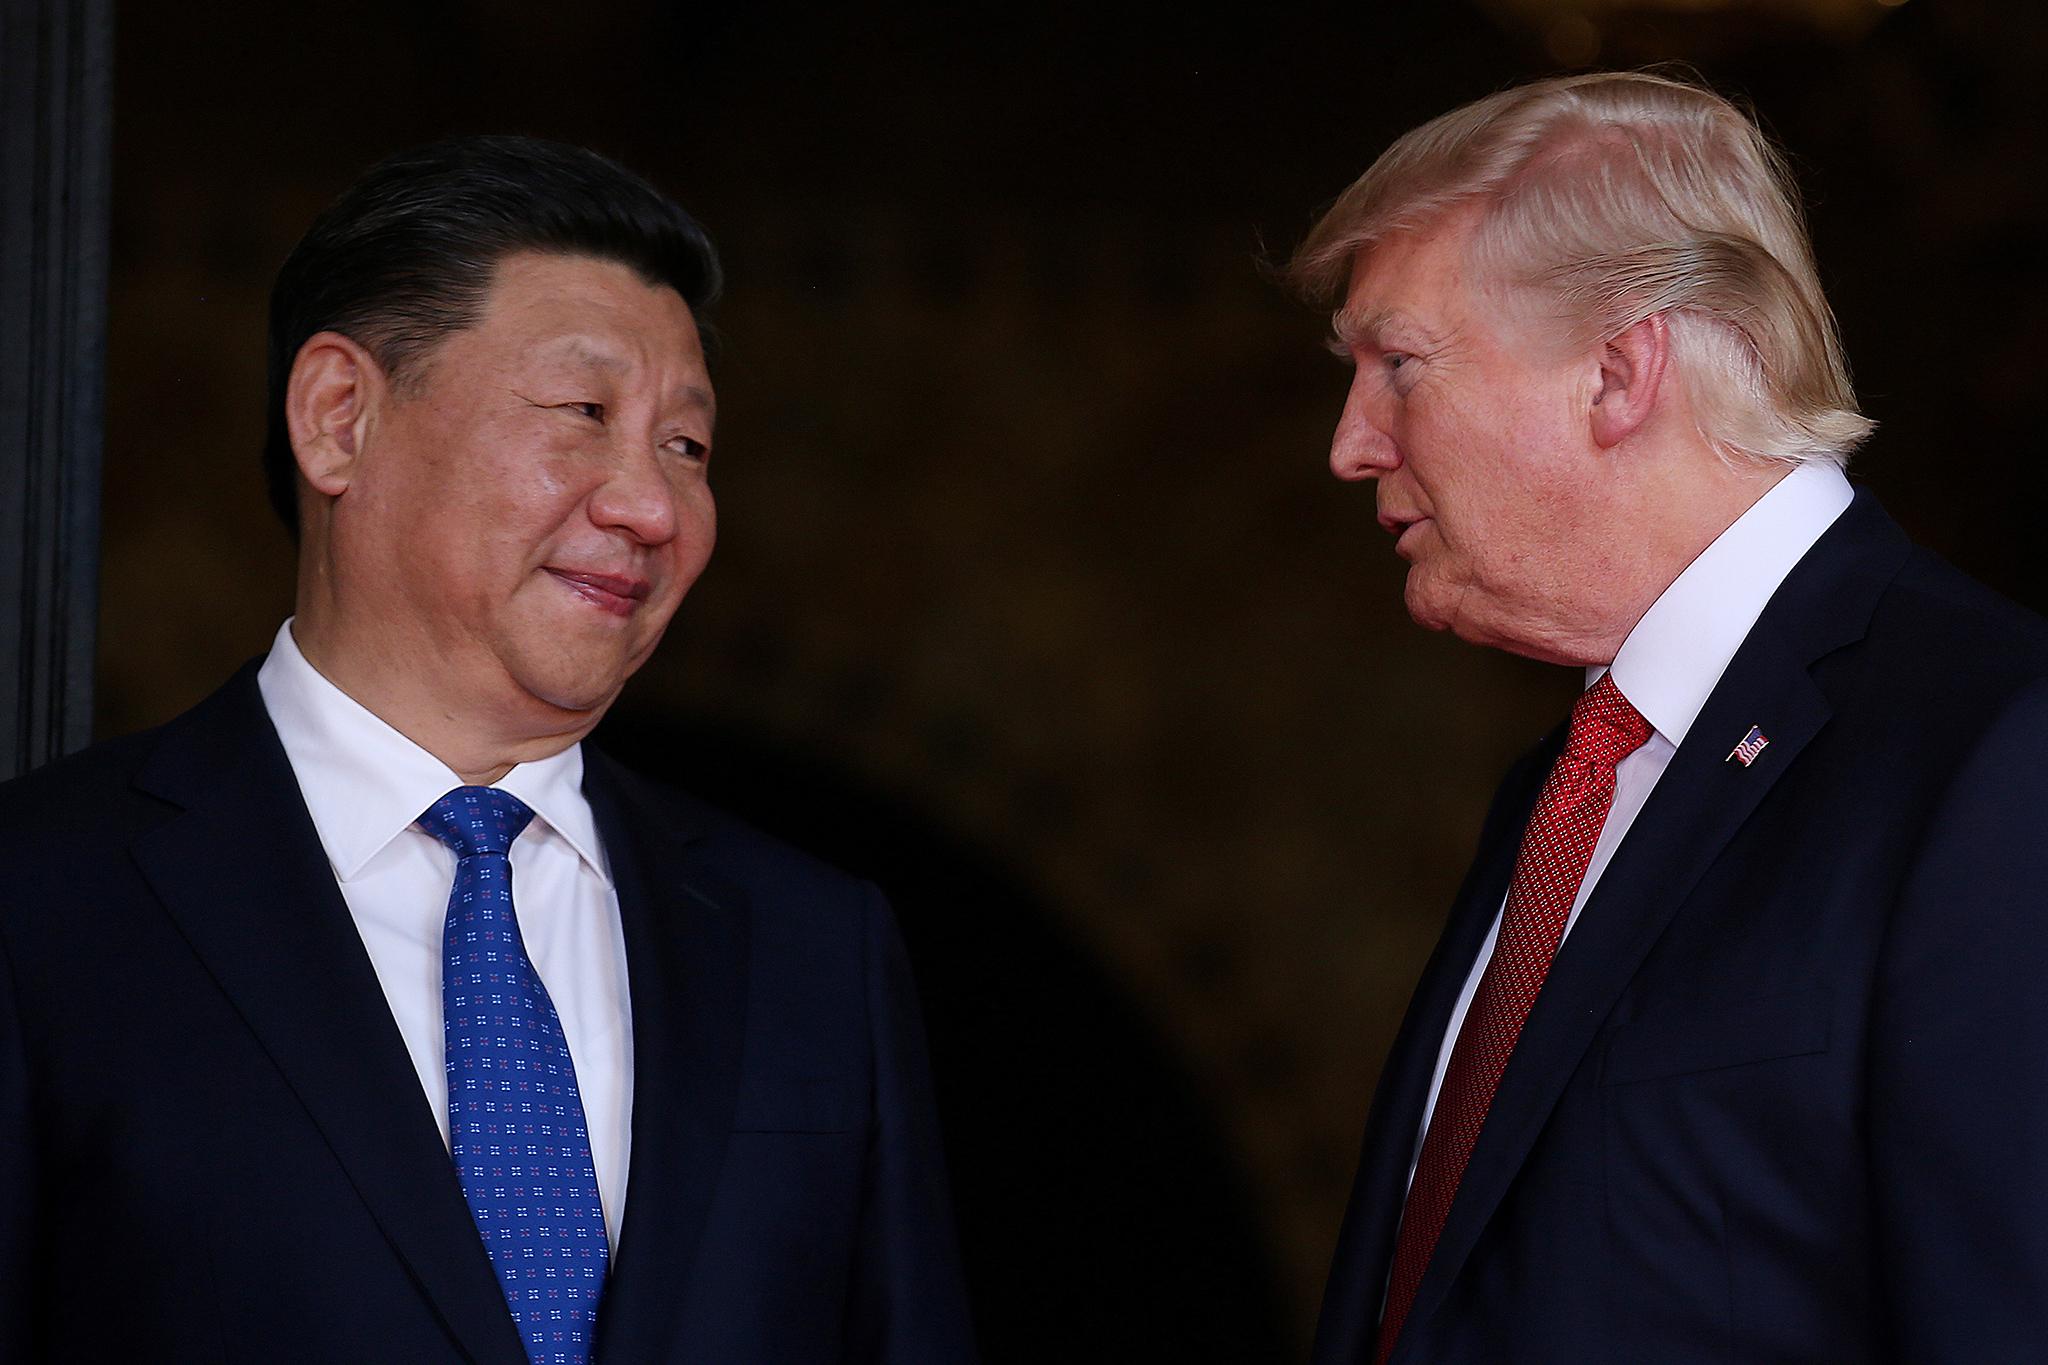 Guerra comercial entre China e EUA ameaça estabilidade da economia global